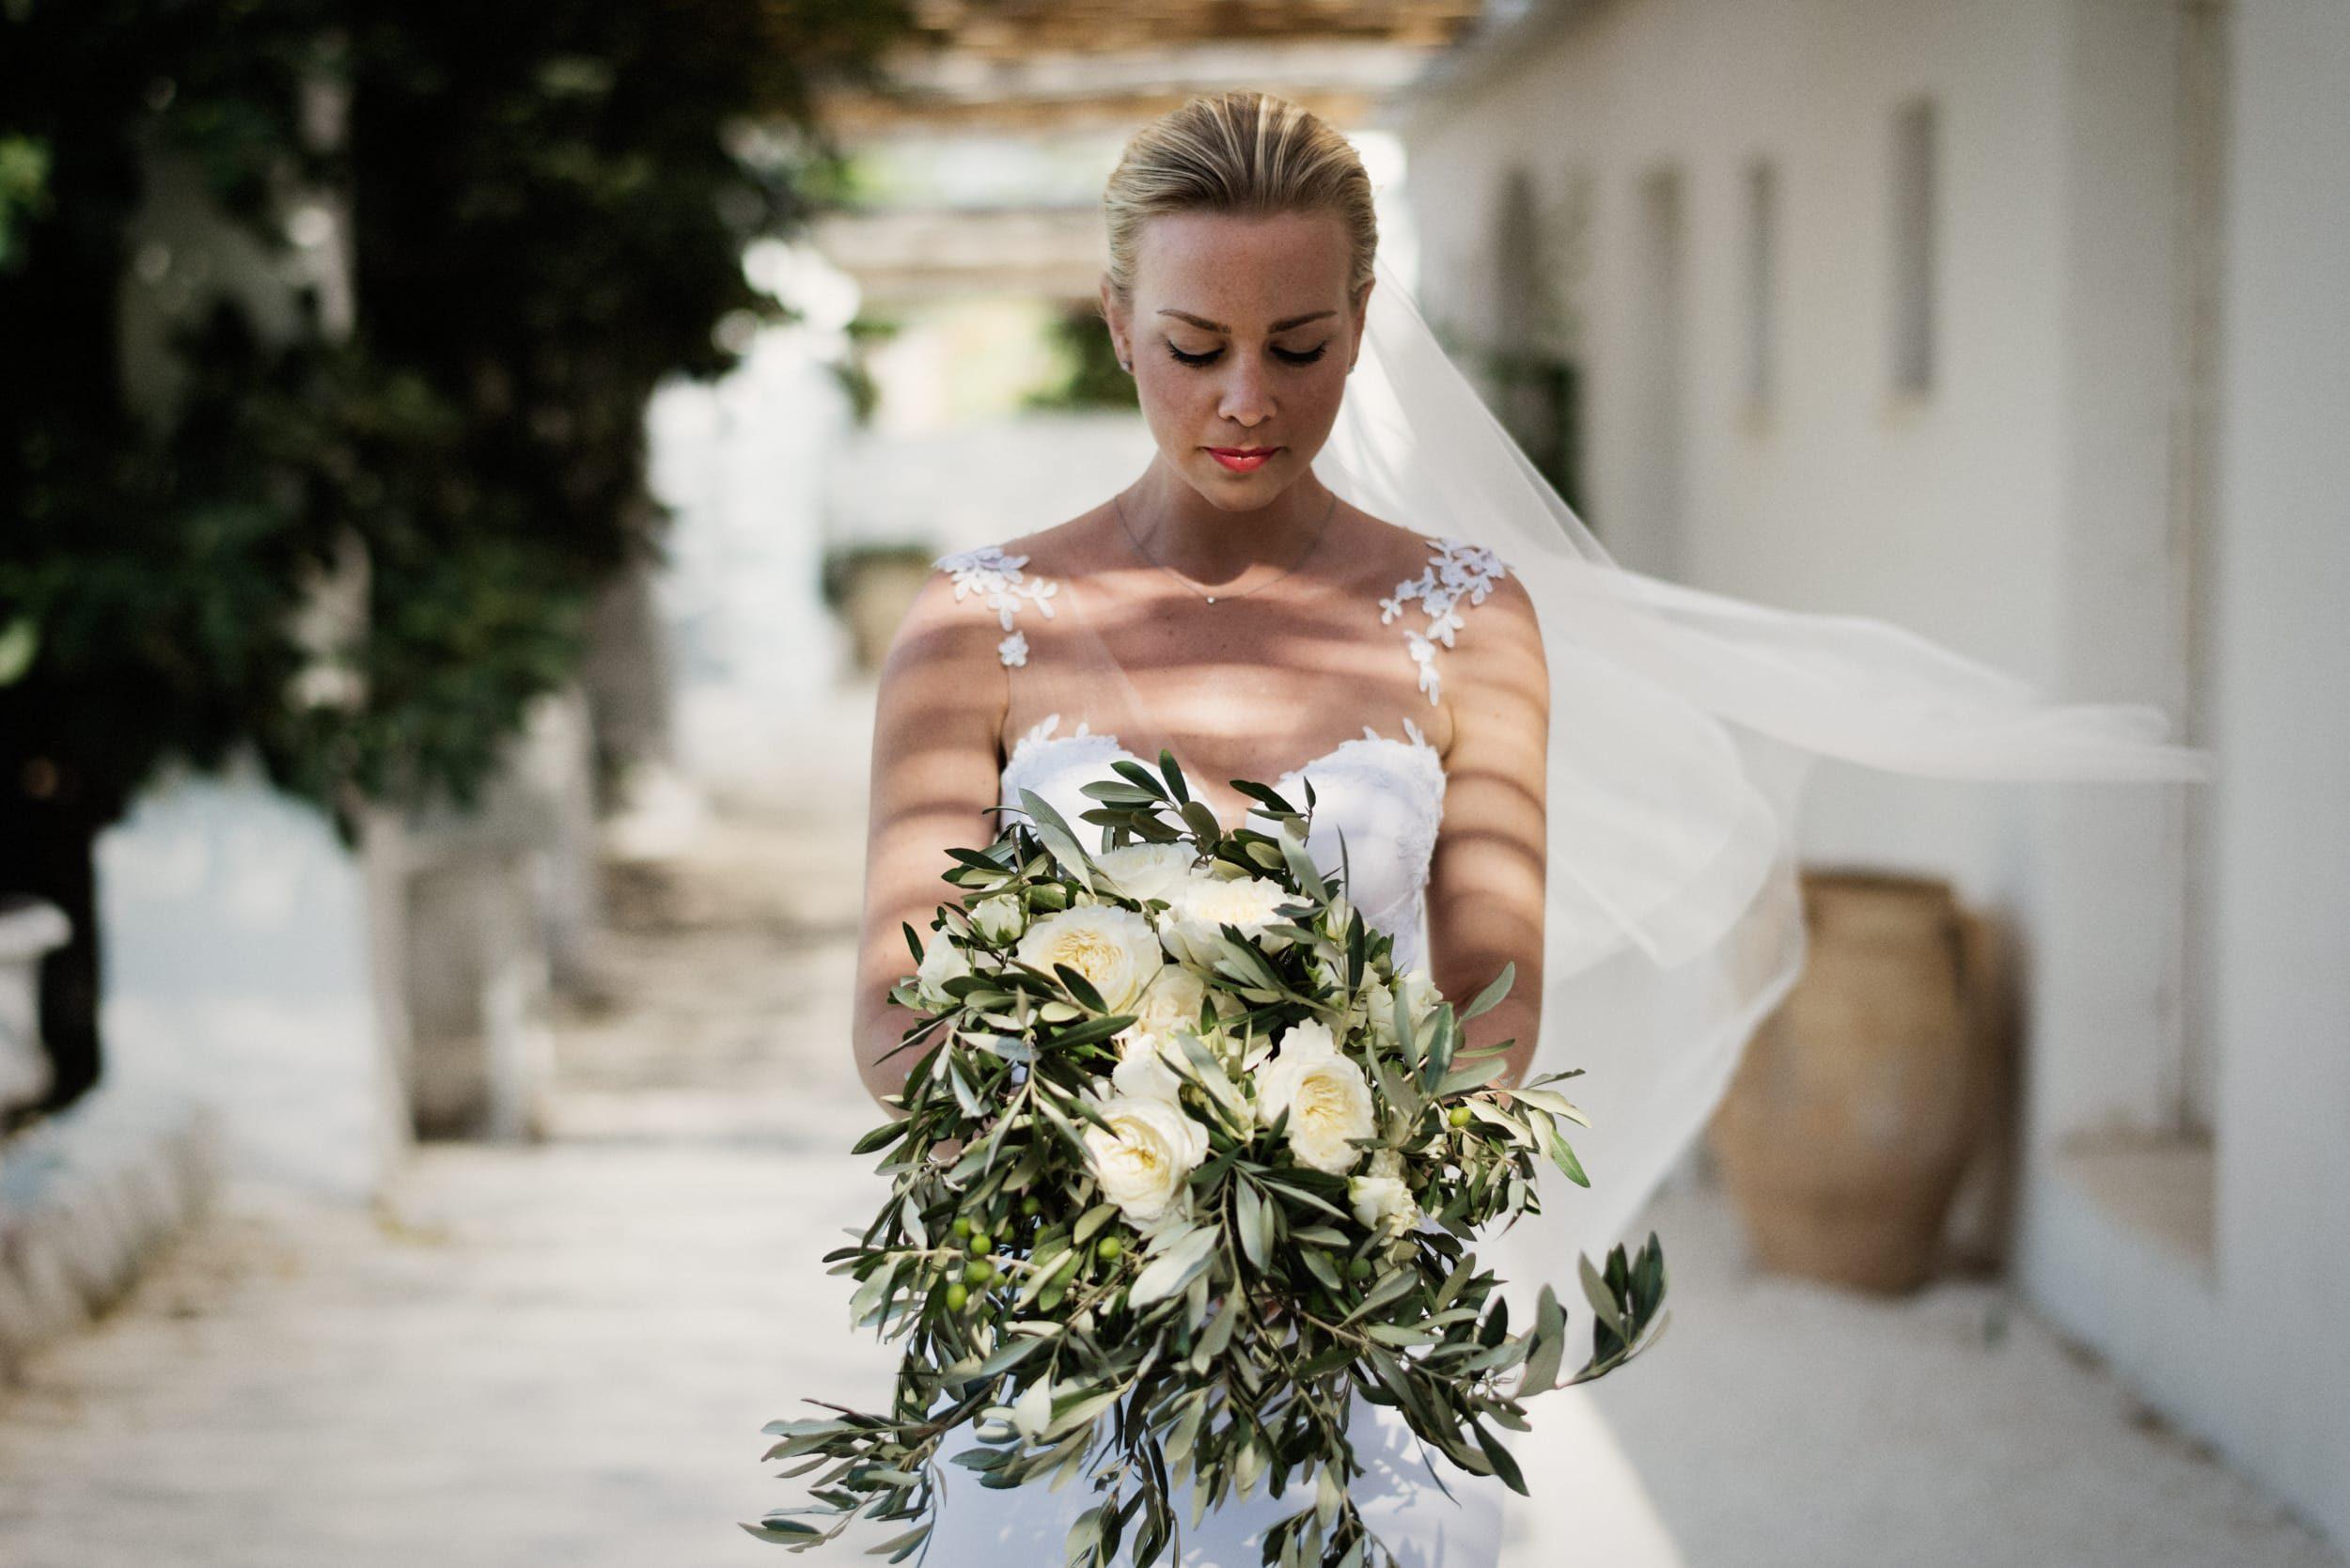 Свадебные фотографы и их значение для торжественного события